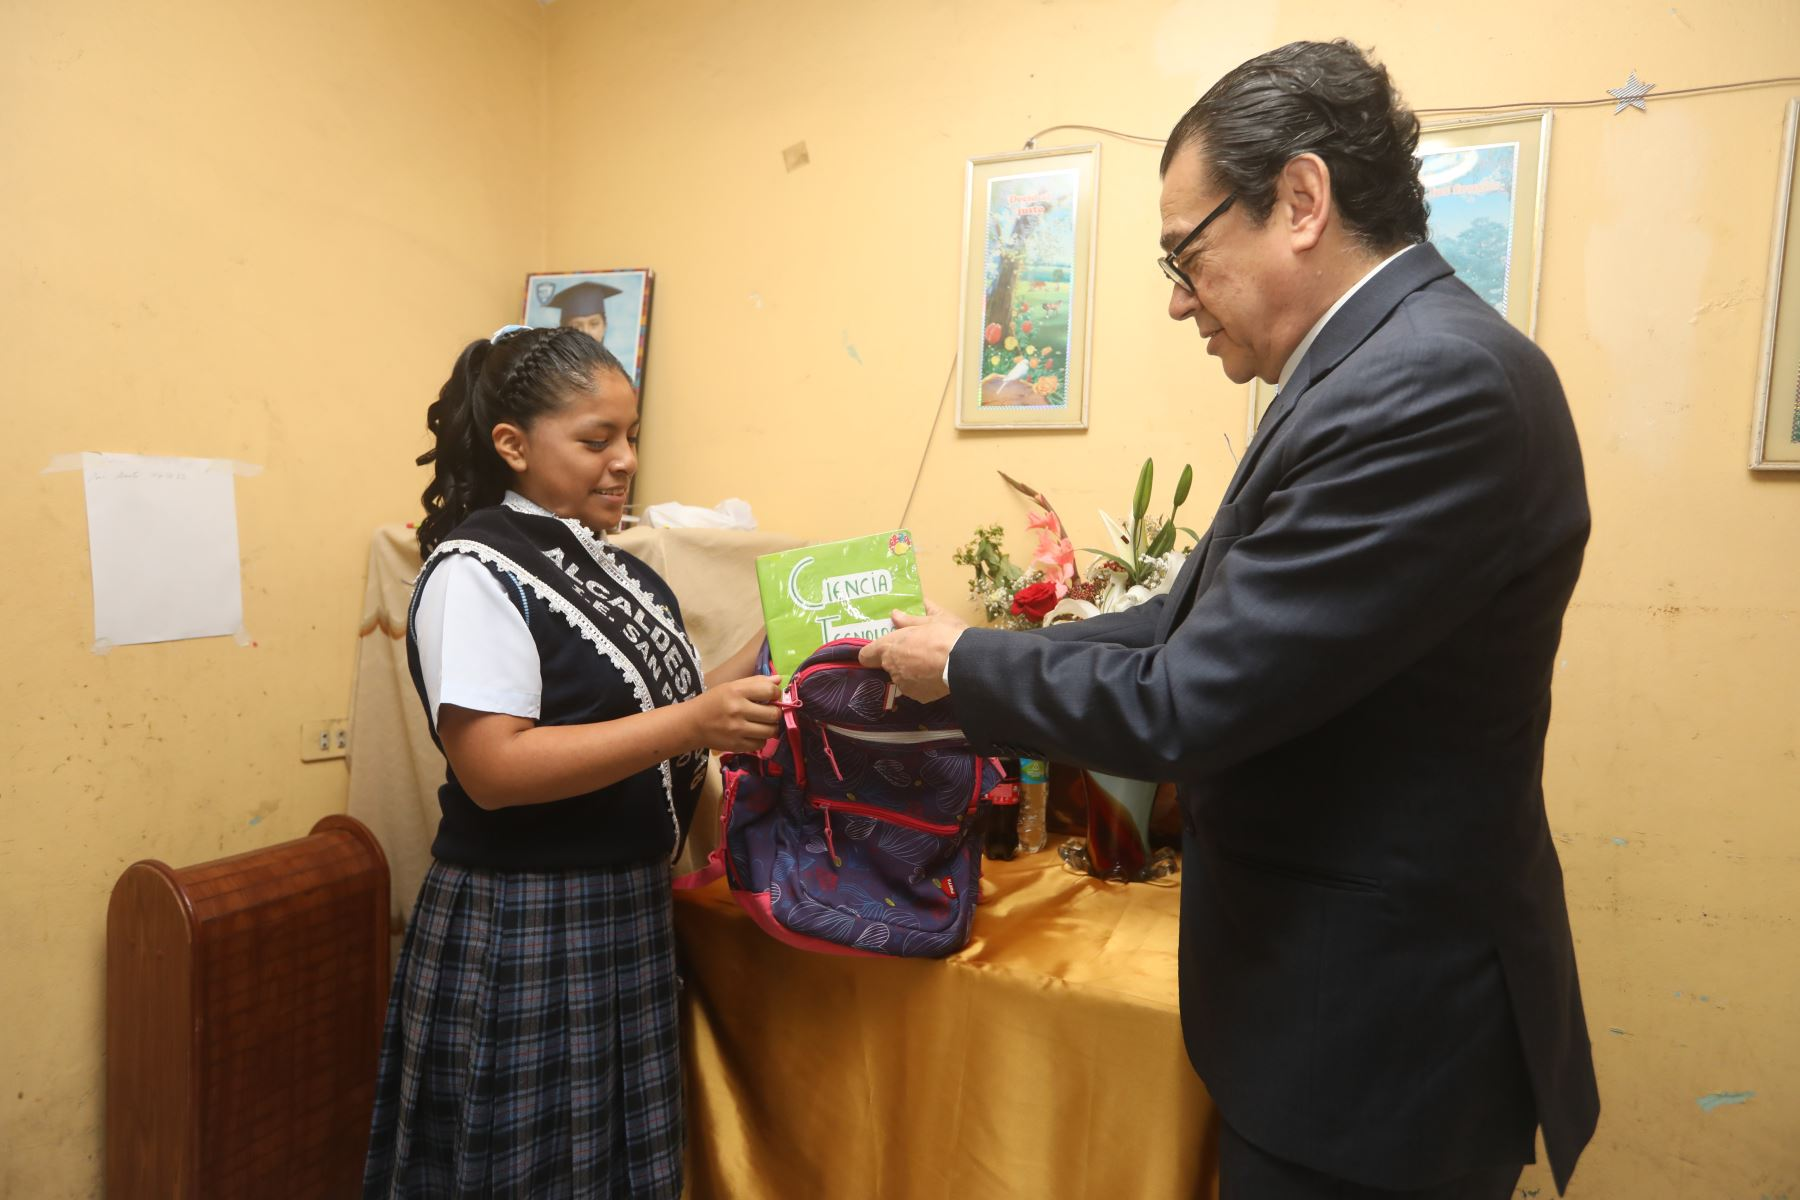 Ministro de justicia y derechos humanos Enrique Mendoza inaugura el buen año escolar 2018 en Chimbote. Foto: ANDINA/ MINJUS